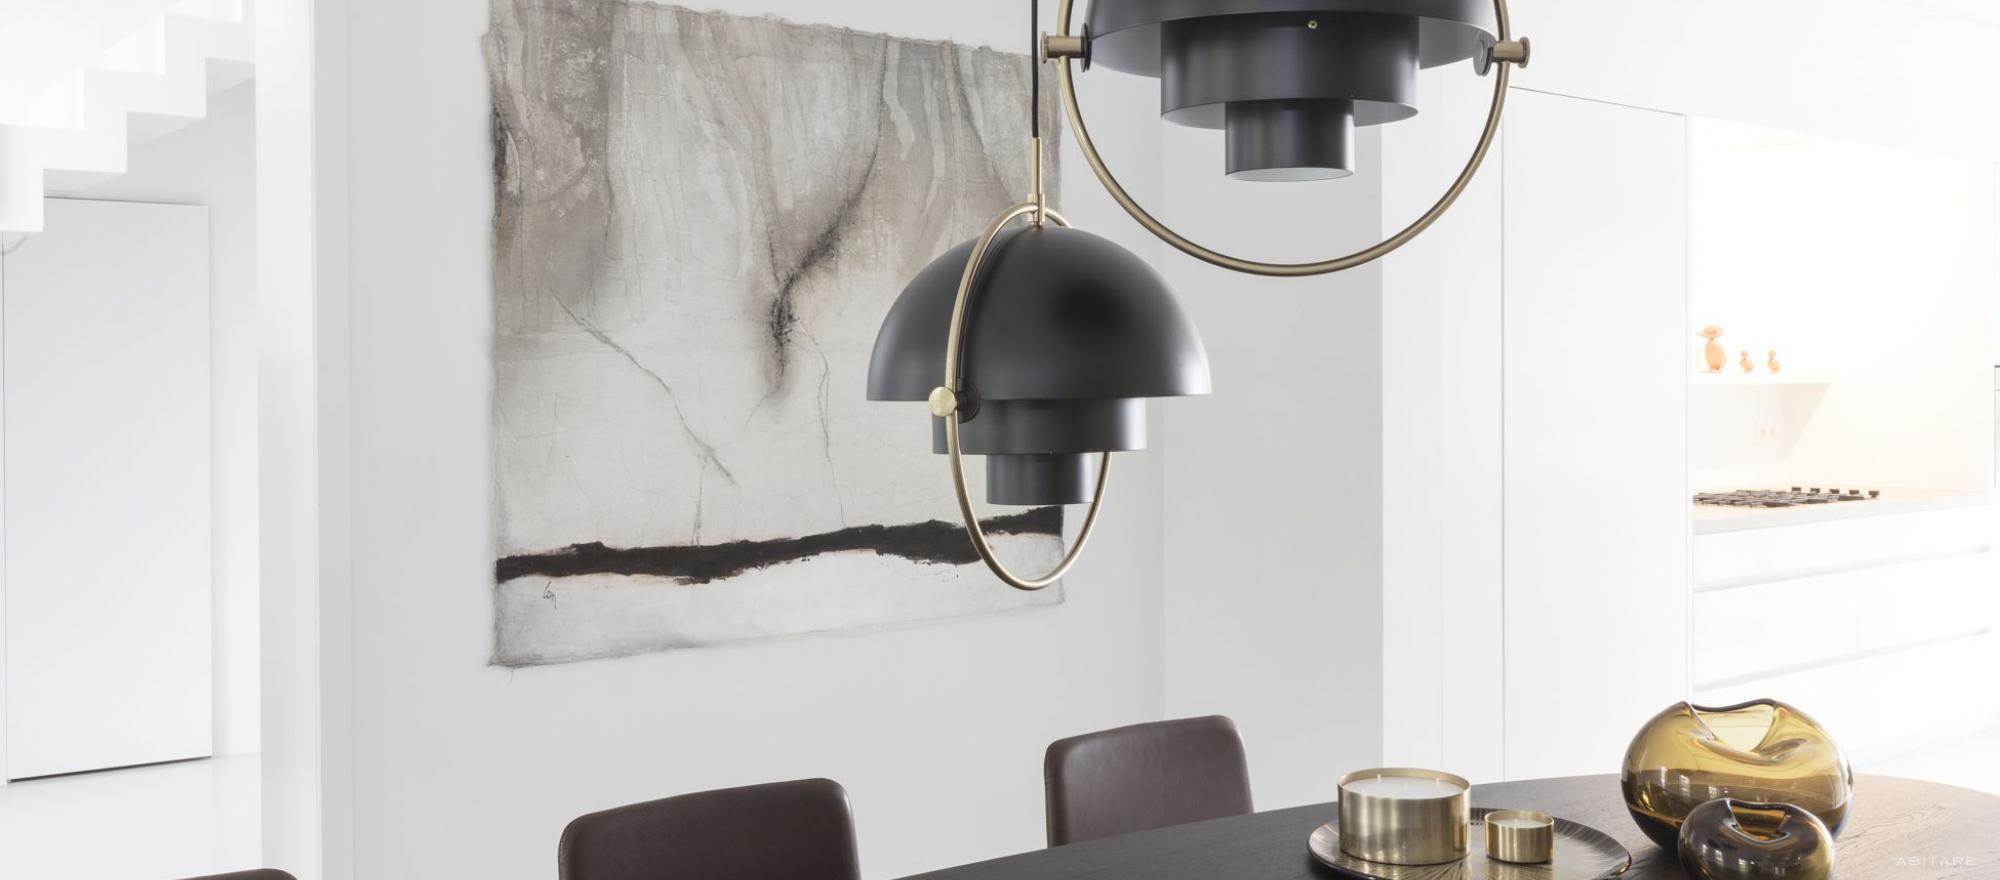 Lampa Multi-Lite Pendant to pochwała złotej ery duńskiego designu (proj. Louise Weisdorf)